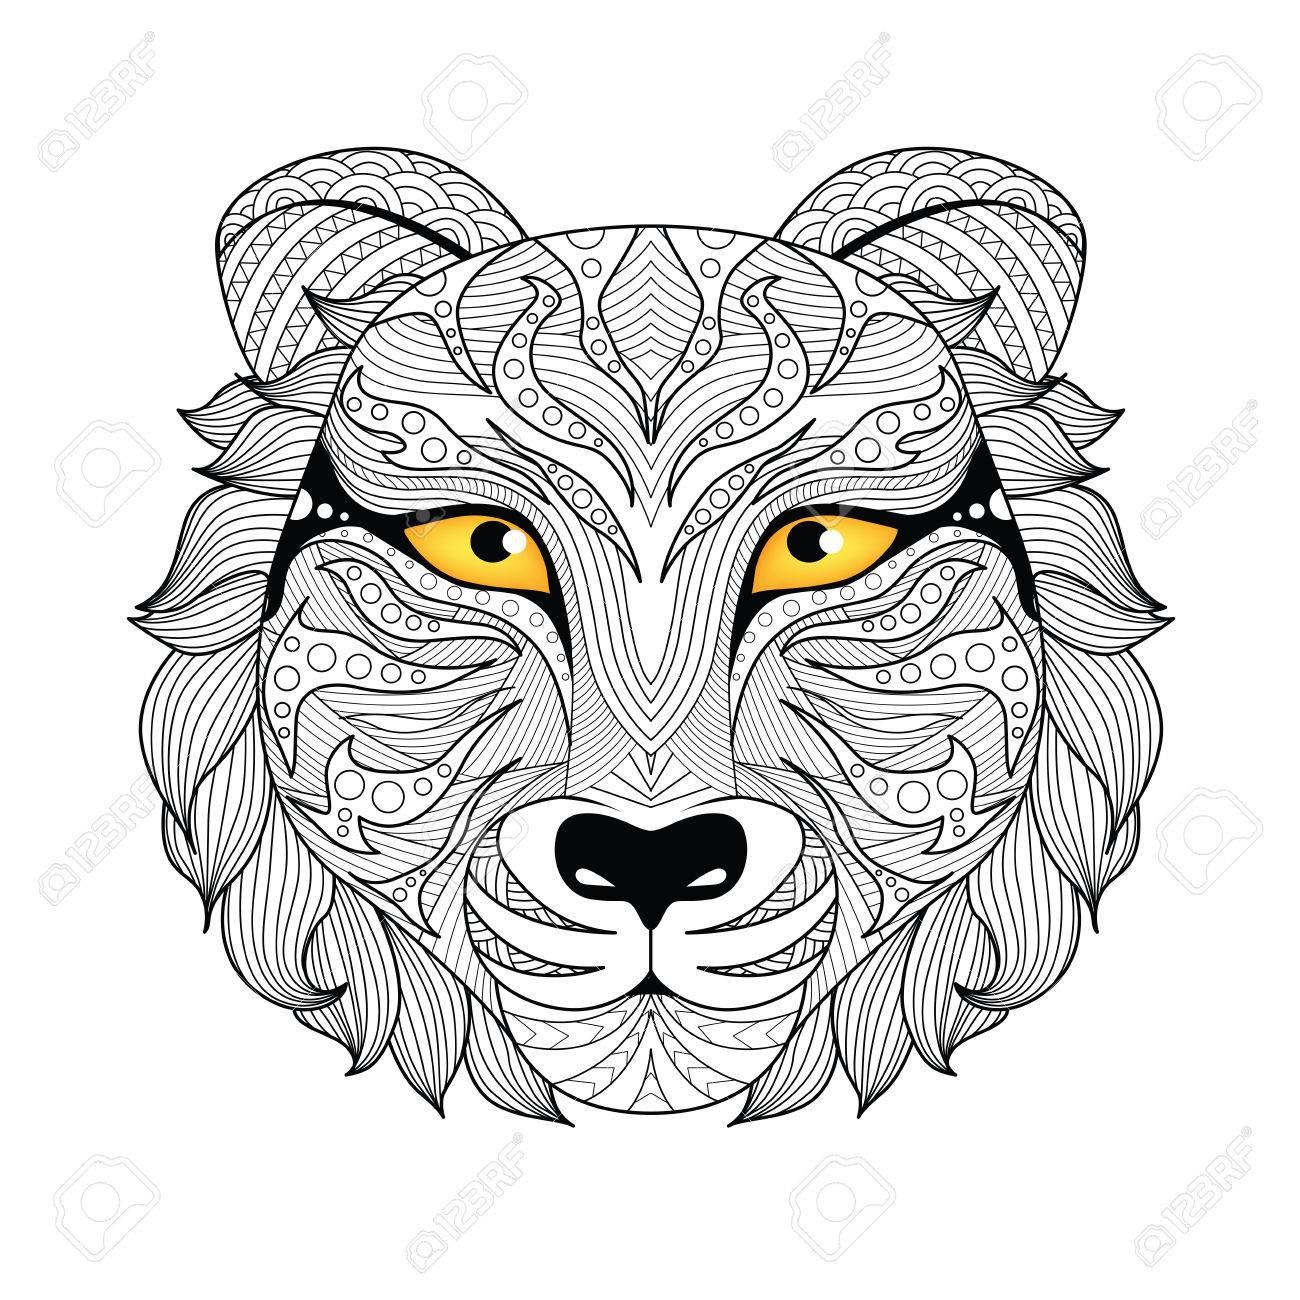 Detalle De Tigre Para Colorear Página, Tatuaje, Diseño De La ...